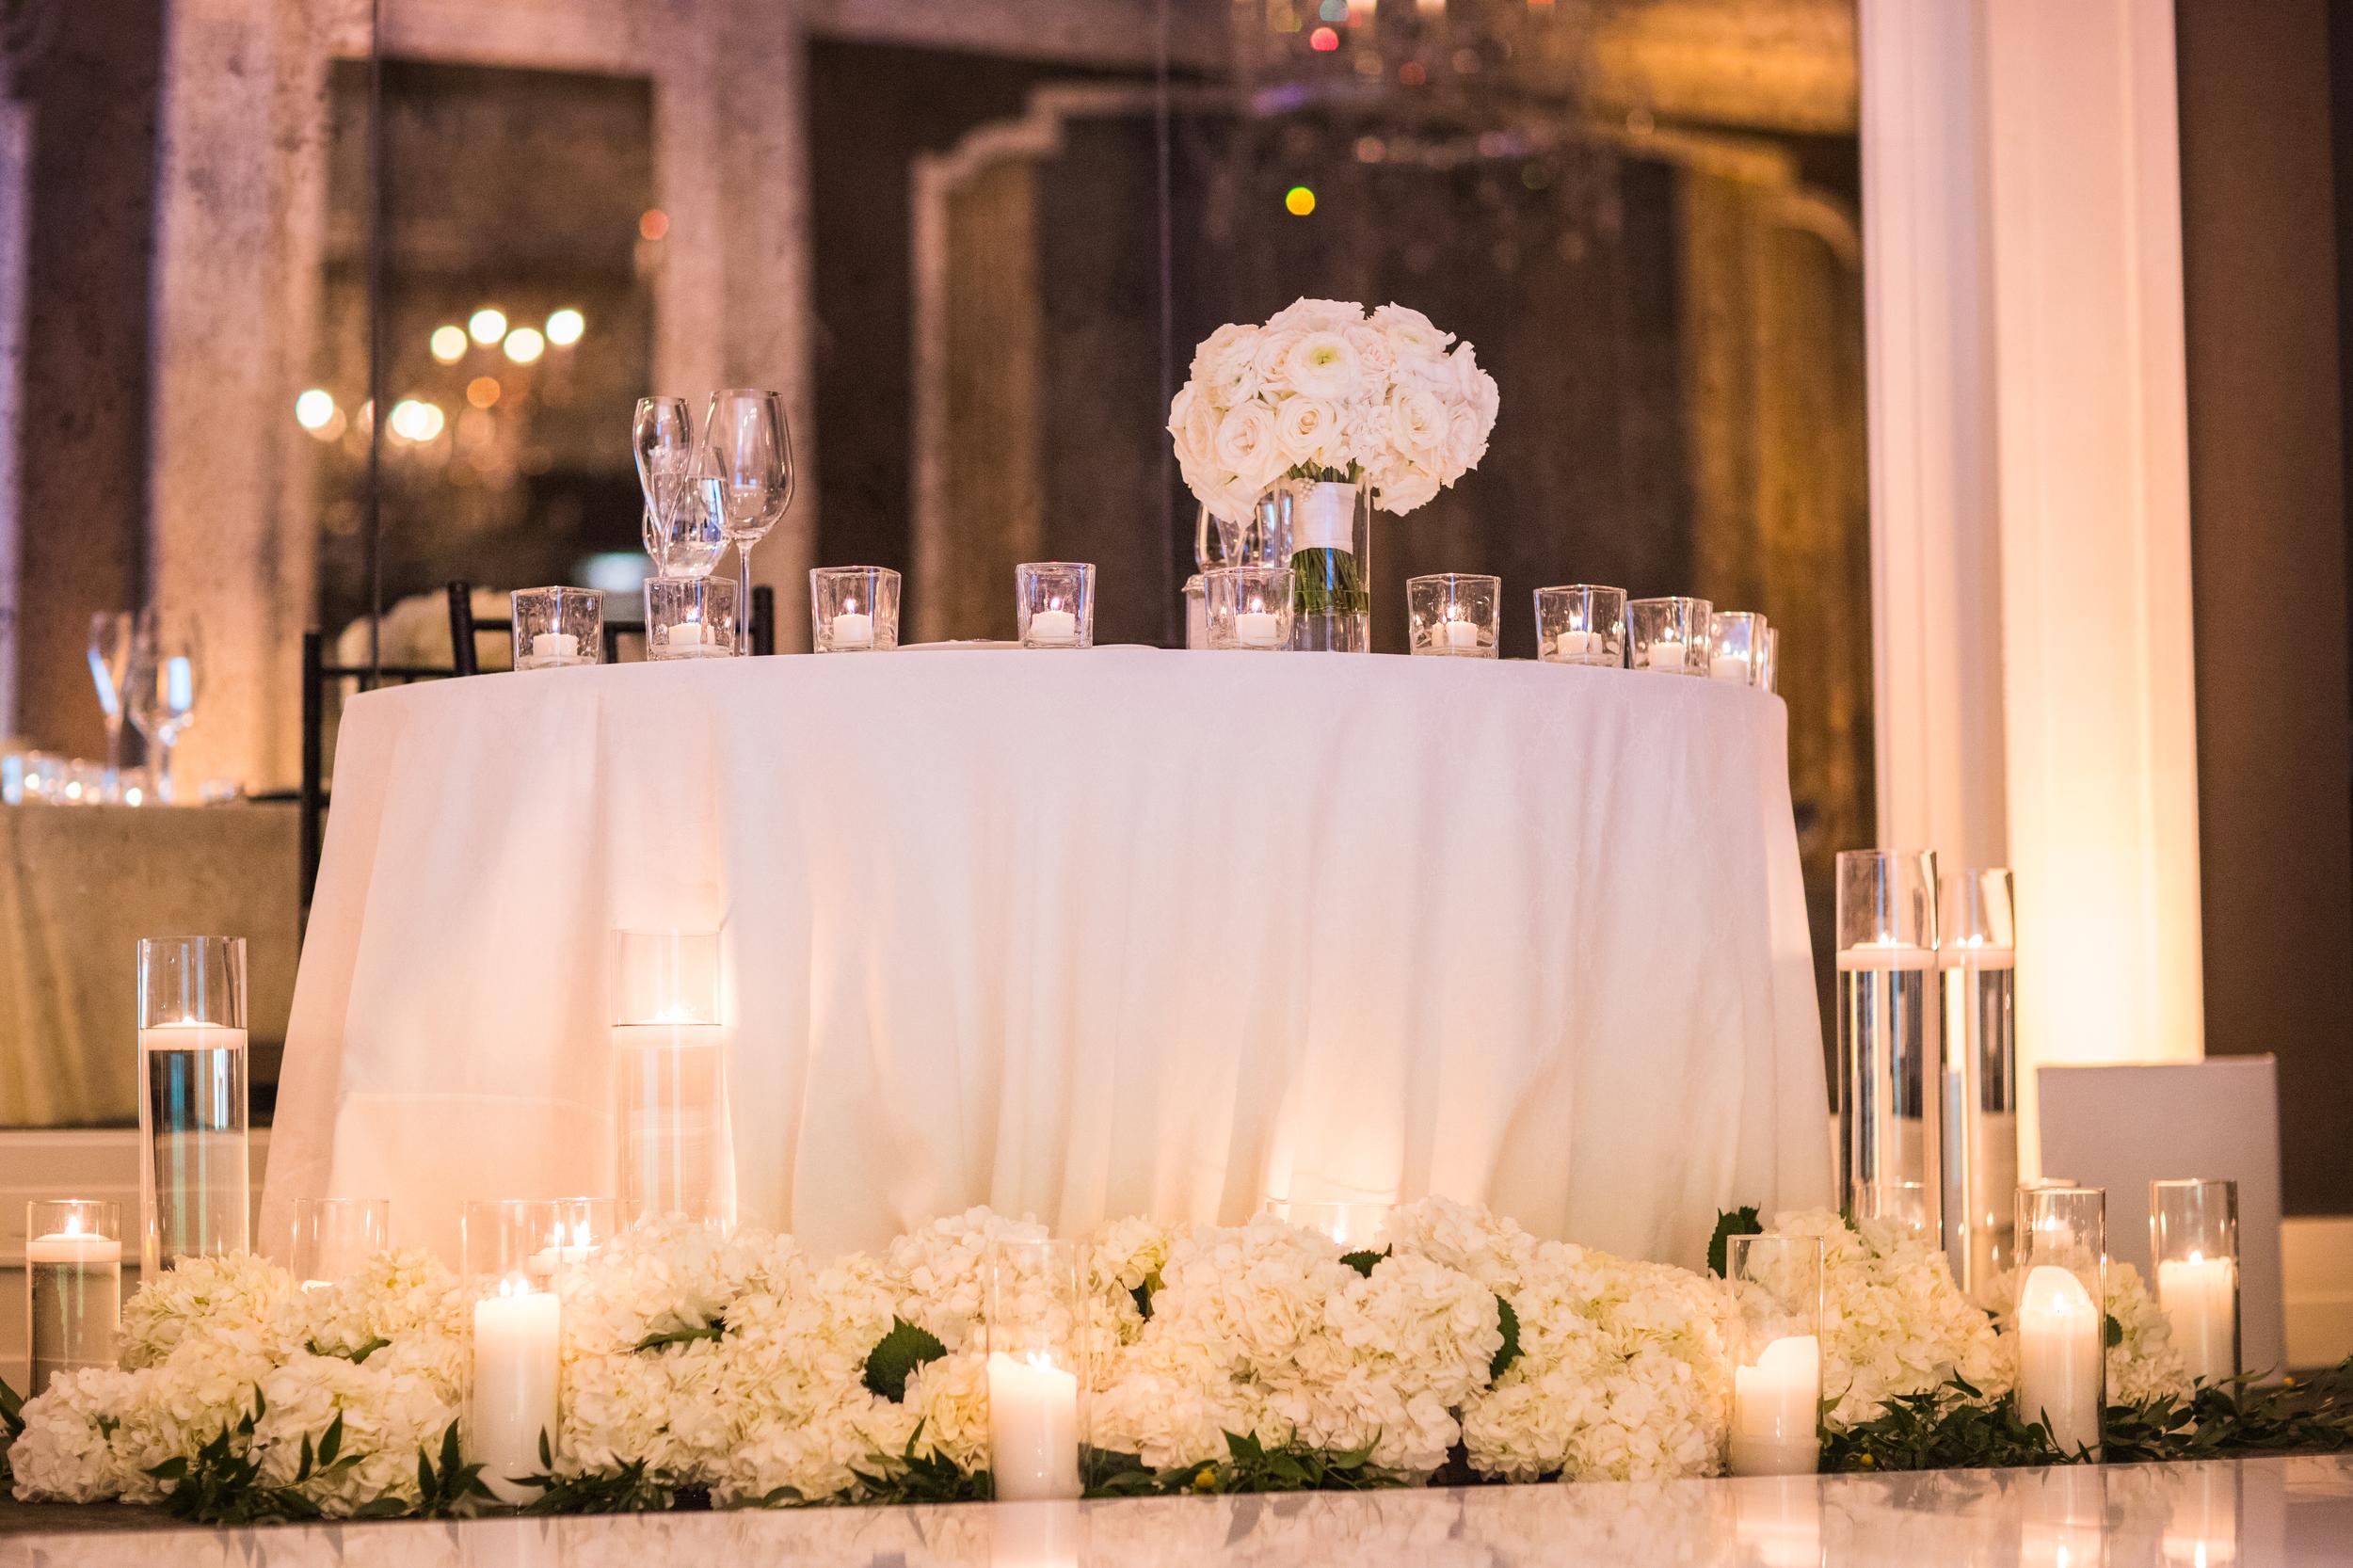 waldorf-astoria-chicago-wedding-planner.jpg